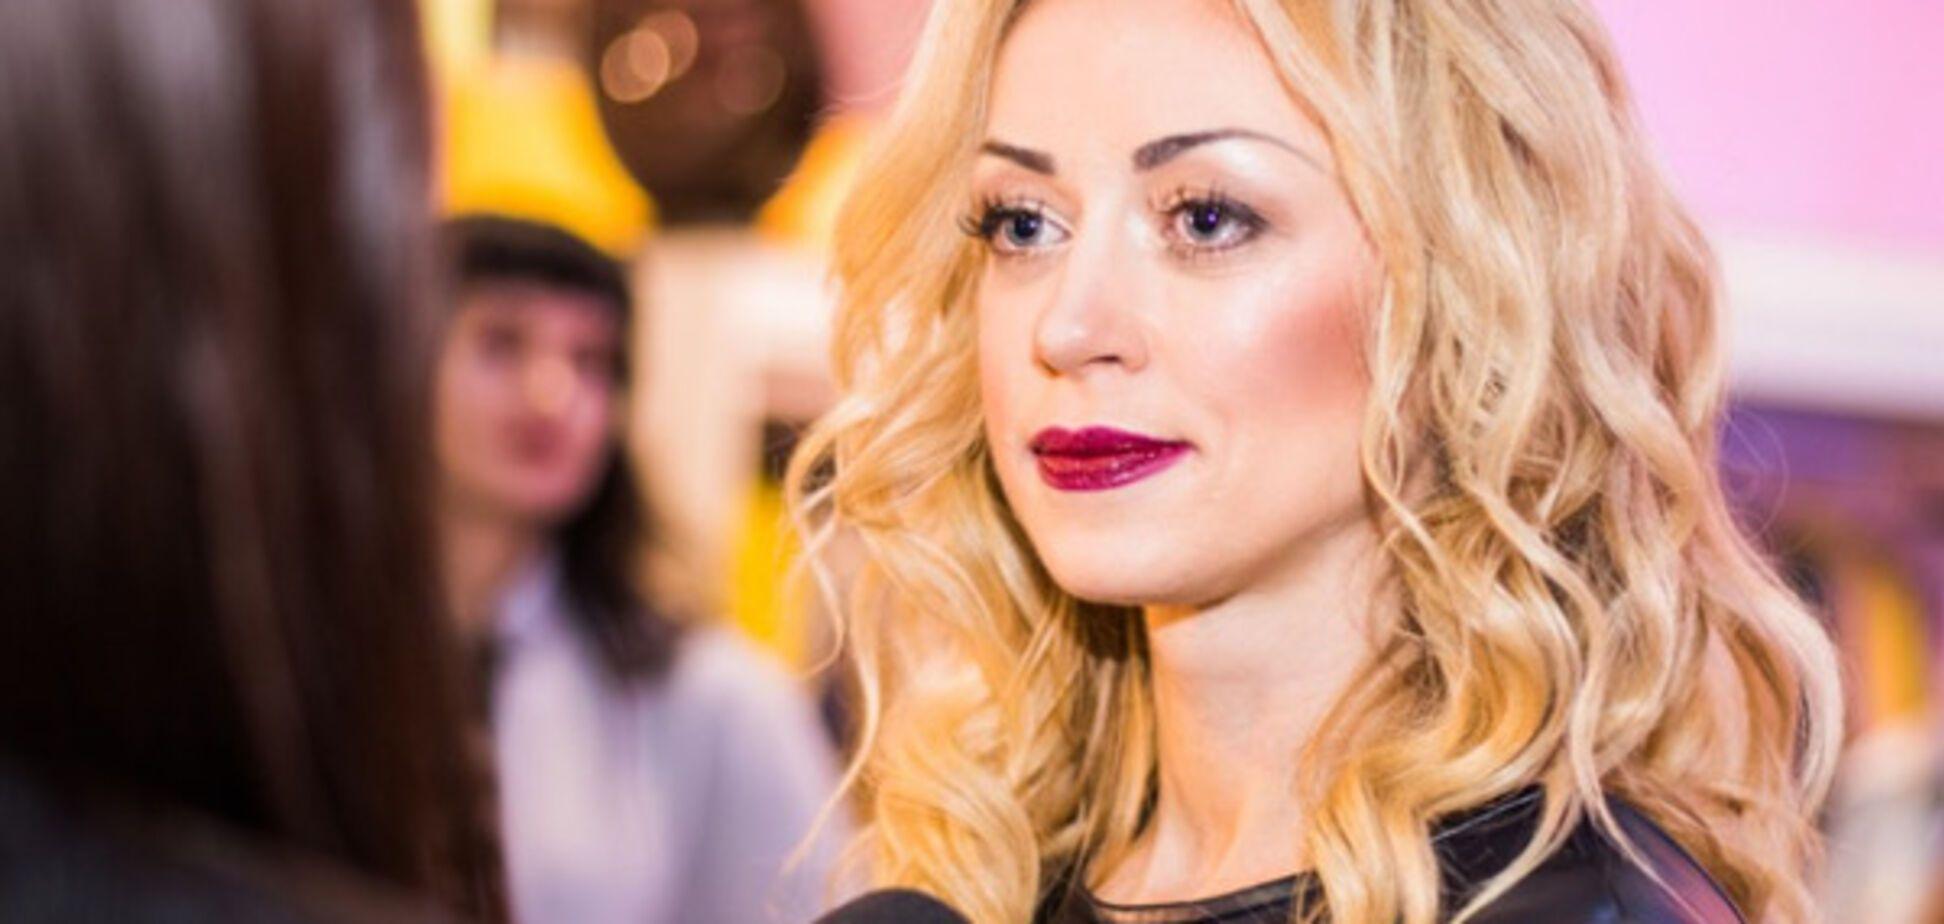 'Ей хорошо без трусов': украинская певица поразила сети откровенным нарядом